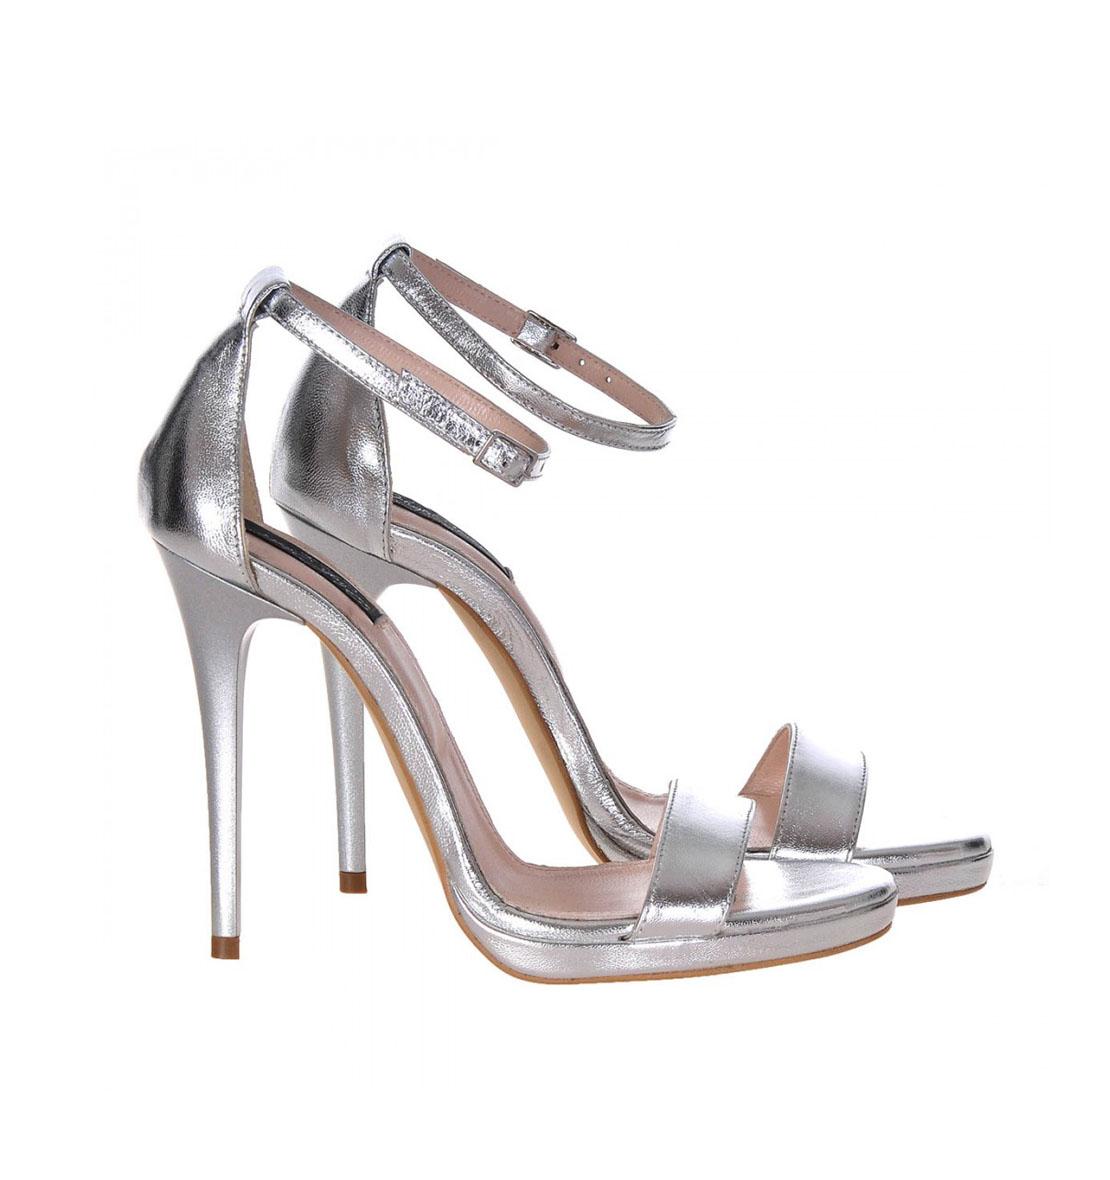 9543c58fb321 Sandale argintii piele toc inalt